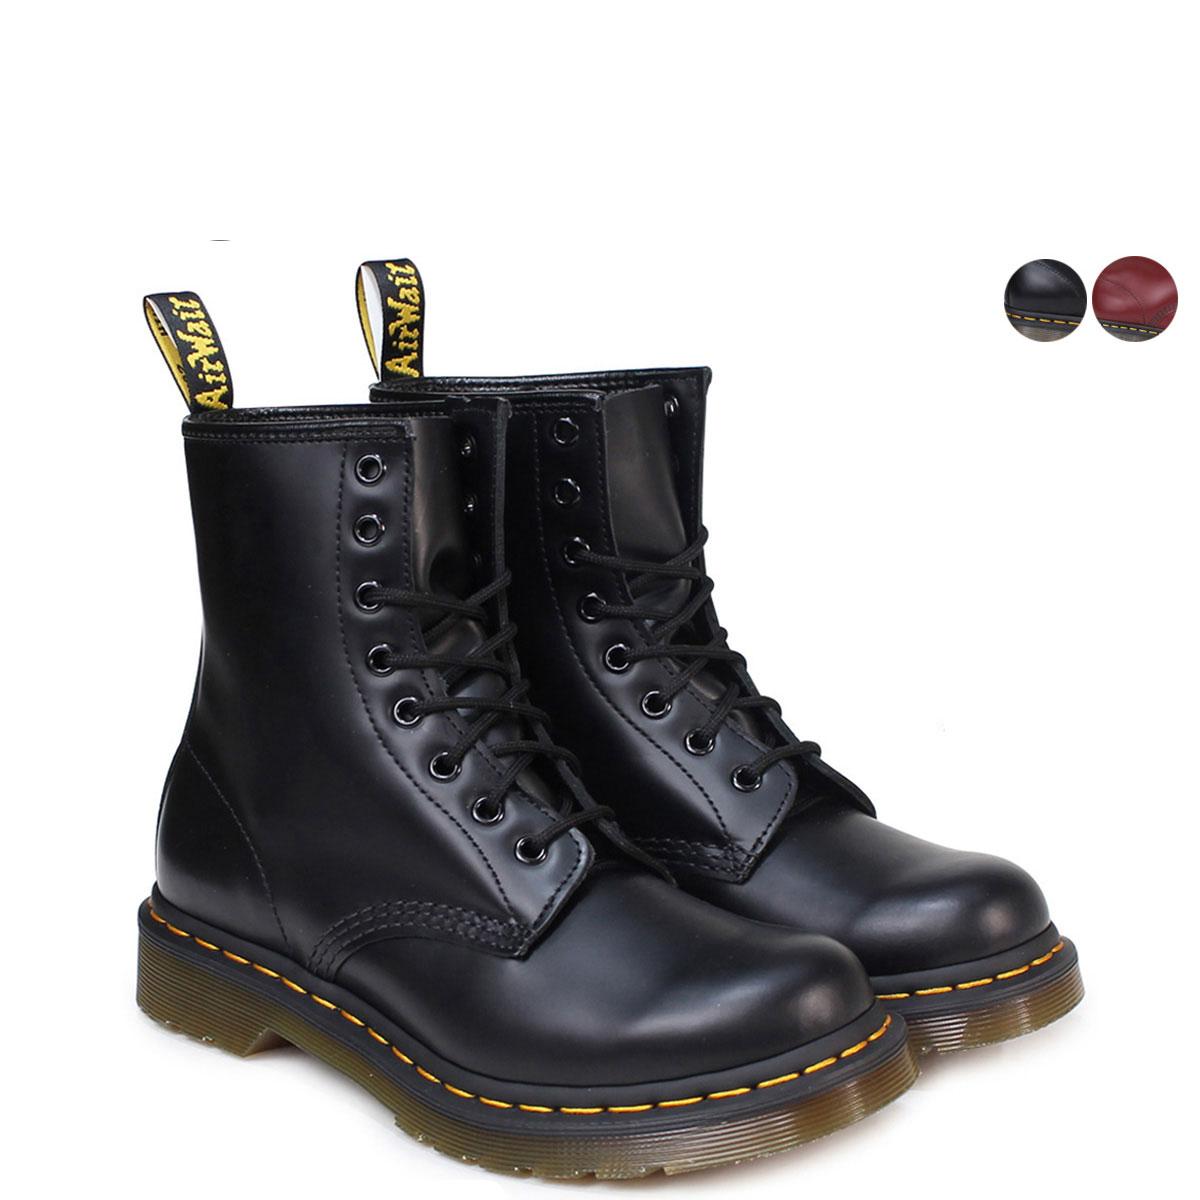 Dr.Martens WOMENS 8EYE BOOT R11821006 R11821600 8ホール 1460 レディース ドクターマーチン ブーツ メンズ